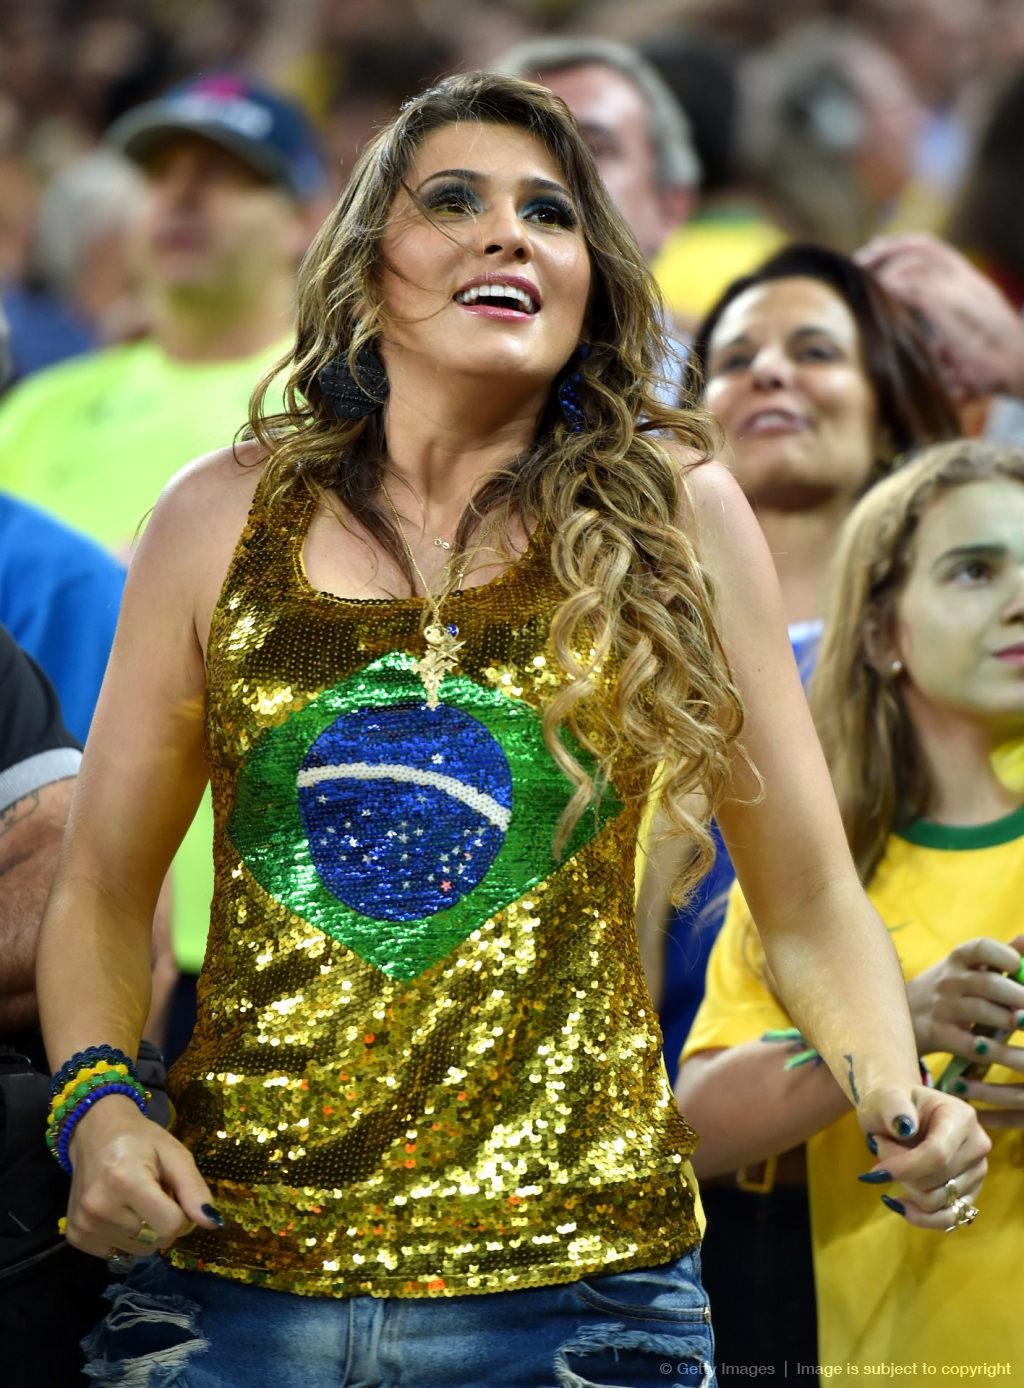 بالصور بنات البرازيل , بنات اجمل بلاد العالم 6717